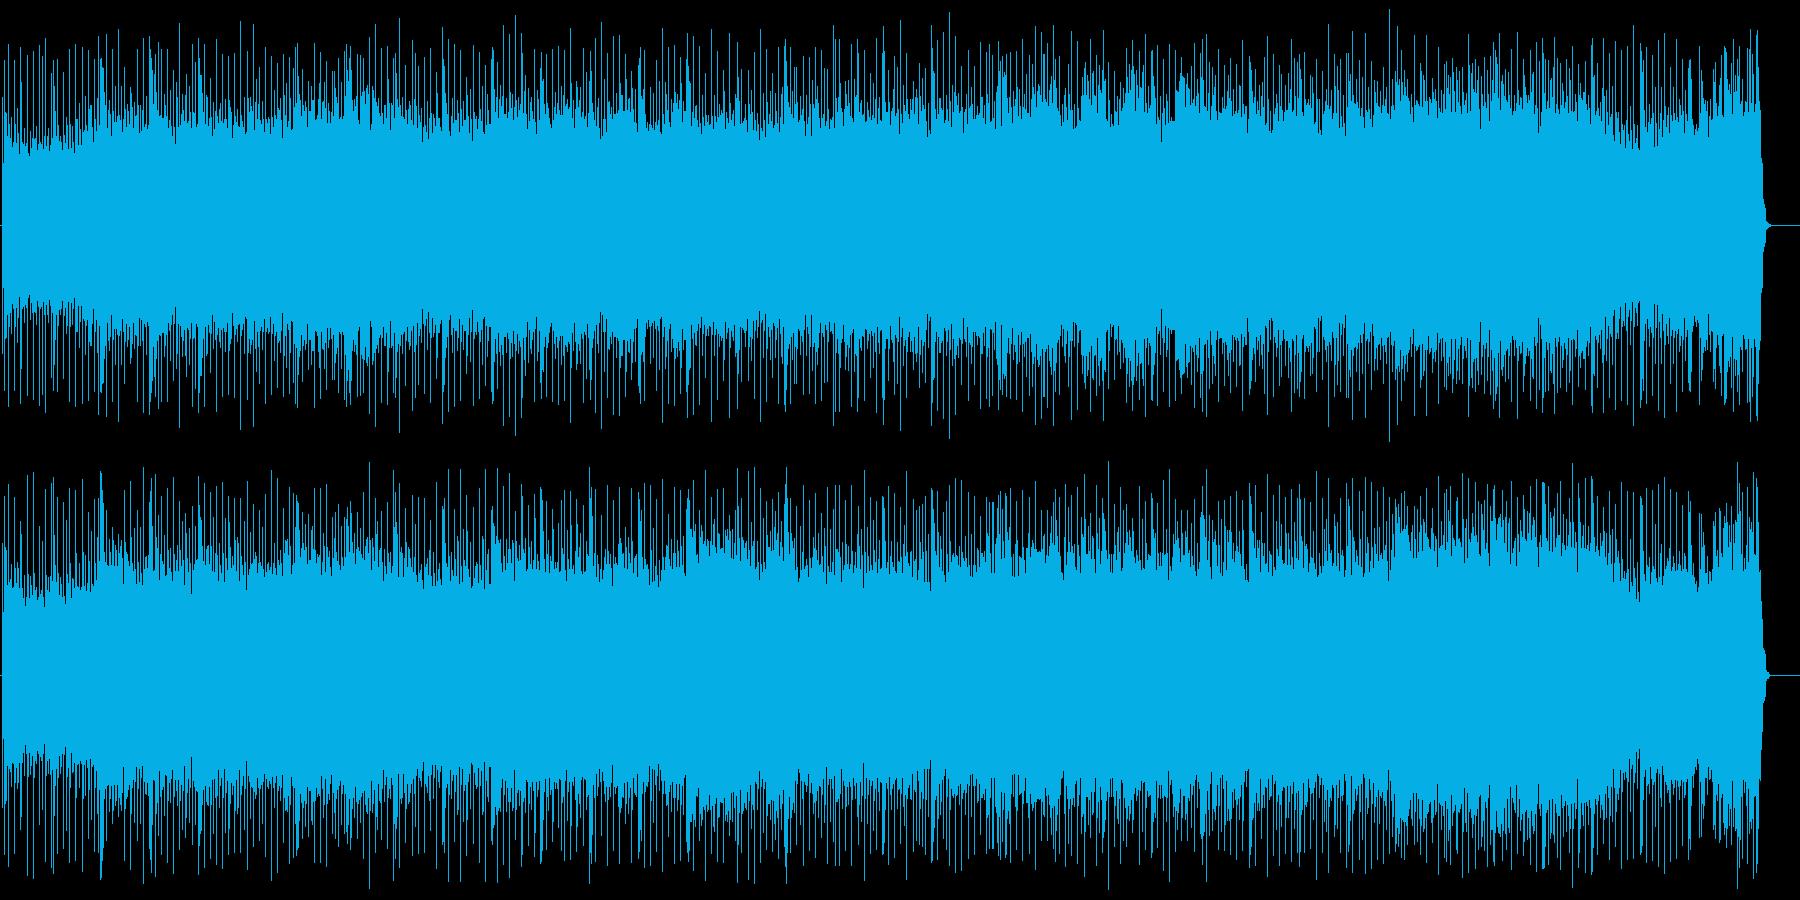 爽やかに駆抜けるアメリカンポップロックの再生済みの波形